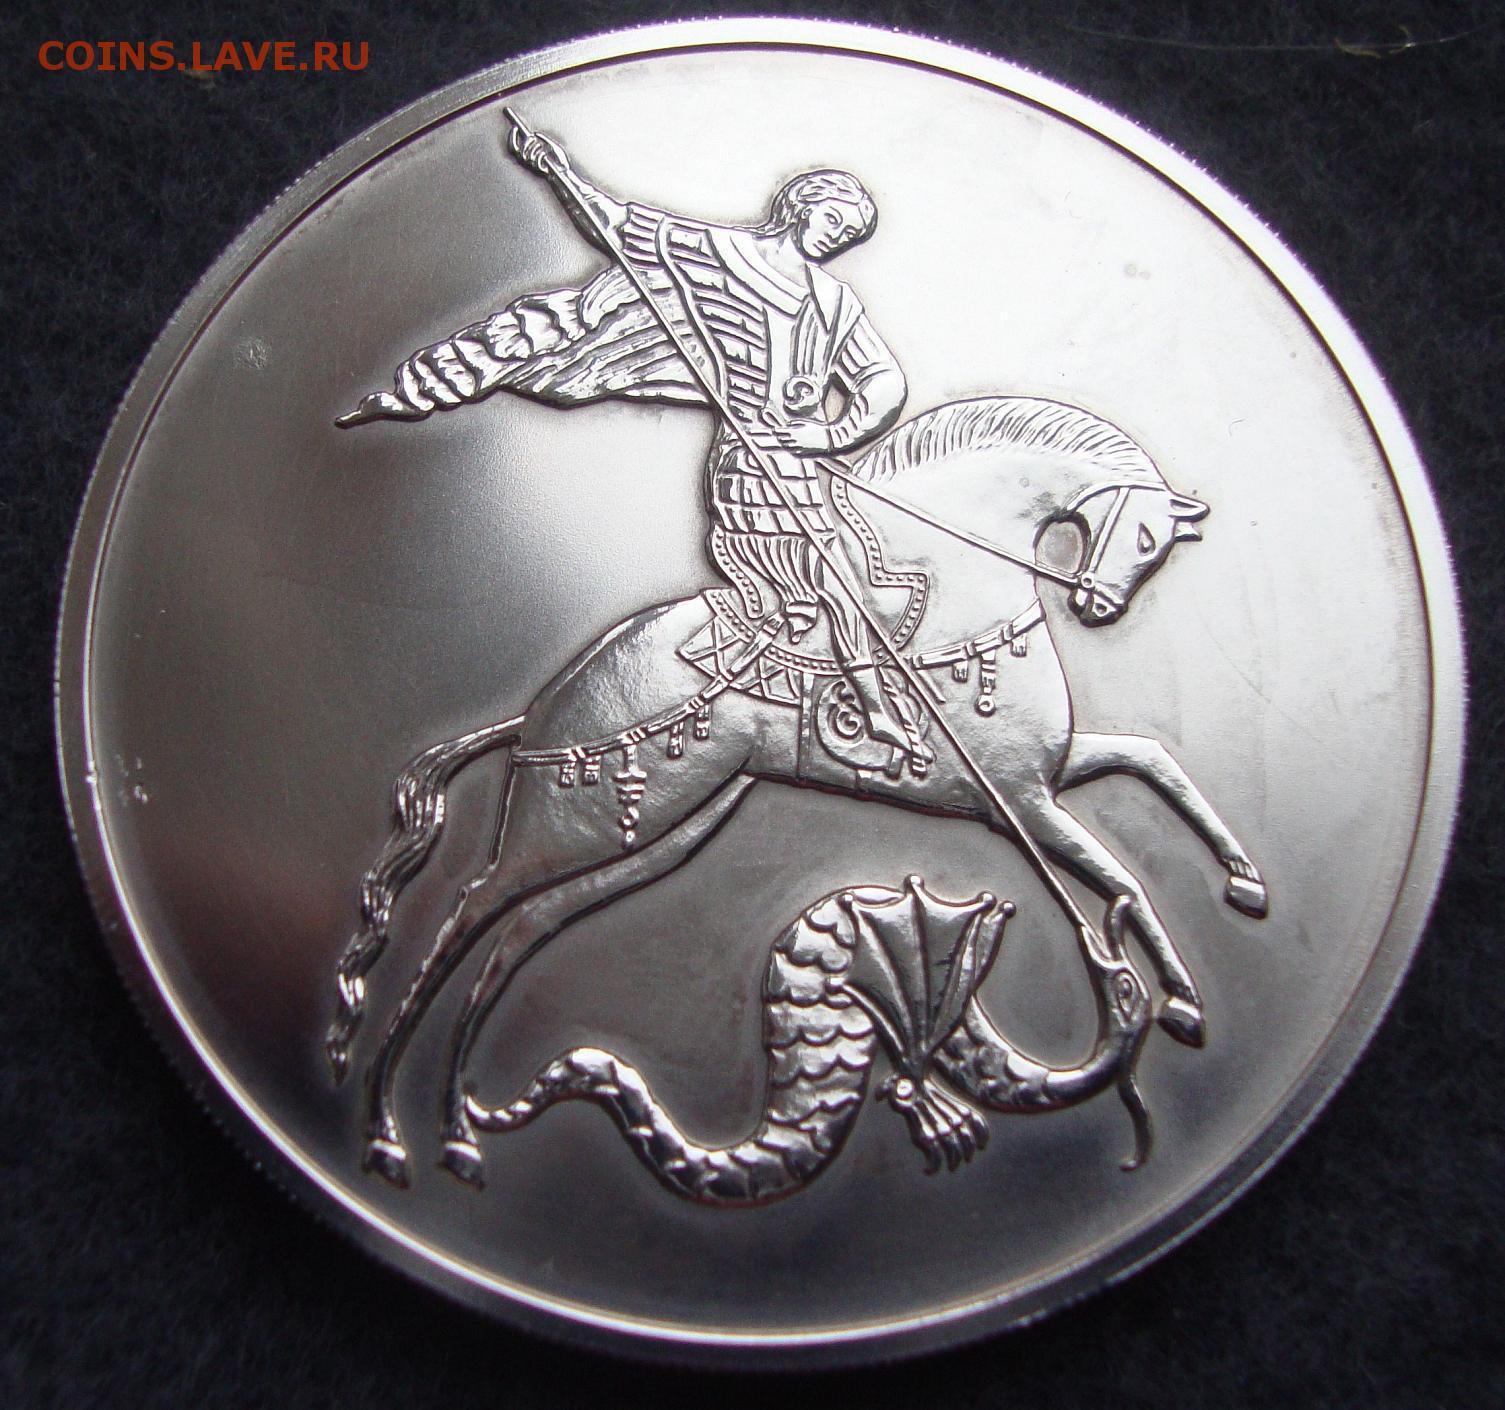 3 рубля 2010 года георгий победоносец цена монеты моя коллекция